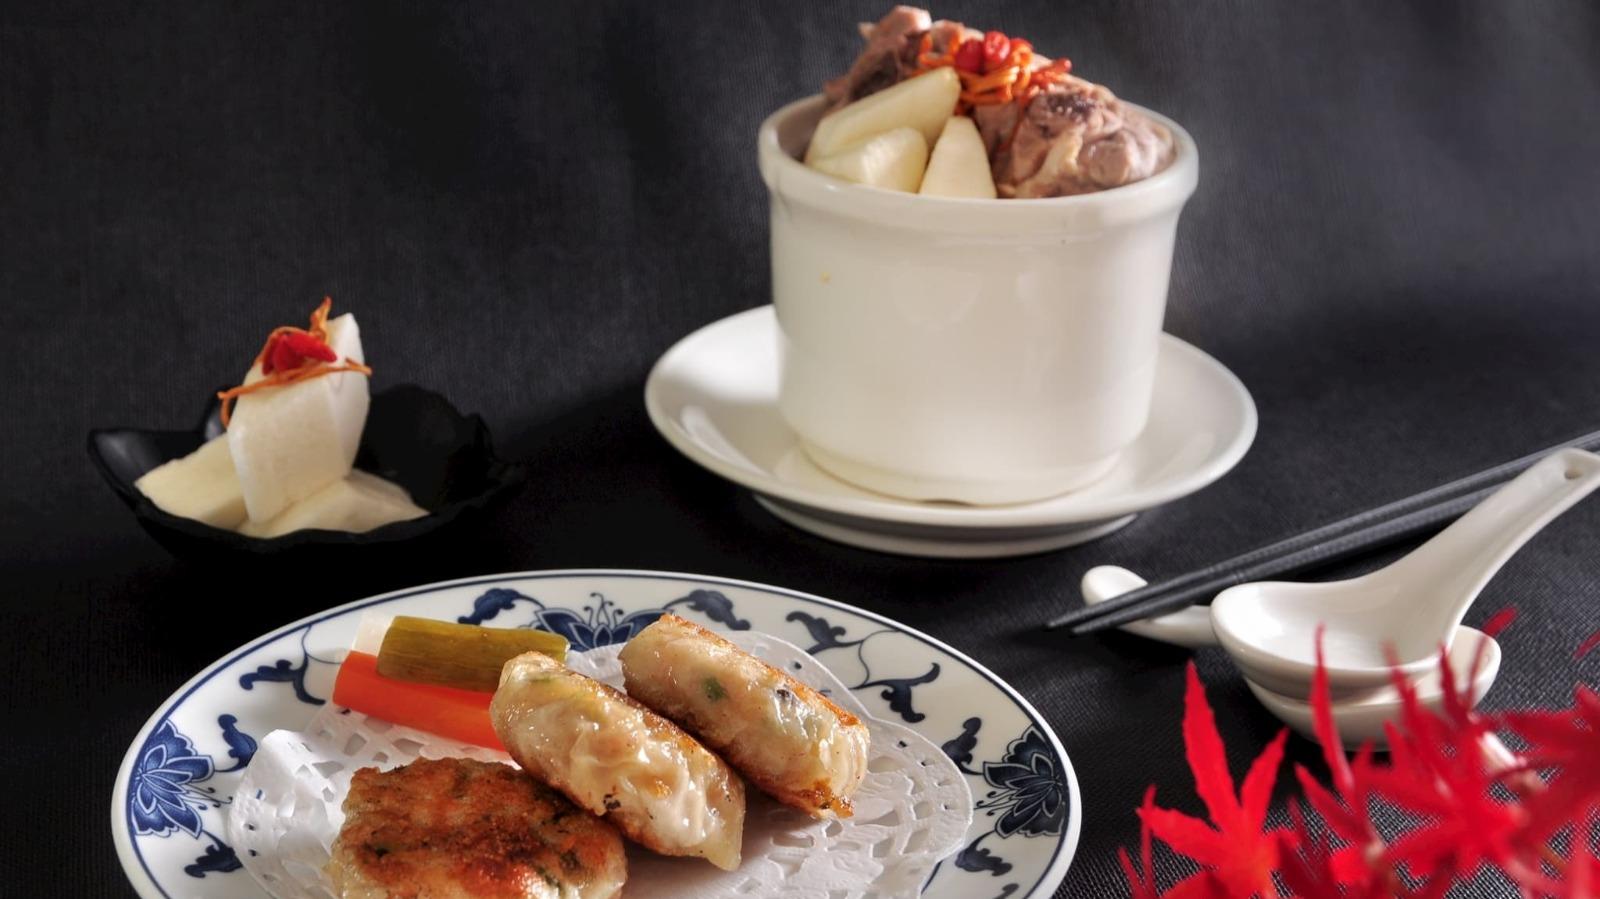 山藥海鮮煎餅及黃金蟲草山藥燉雞湯 (期間限定料理)